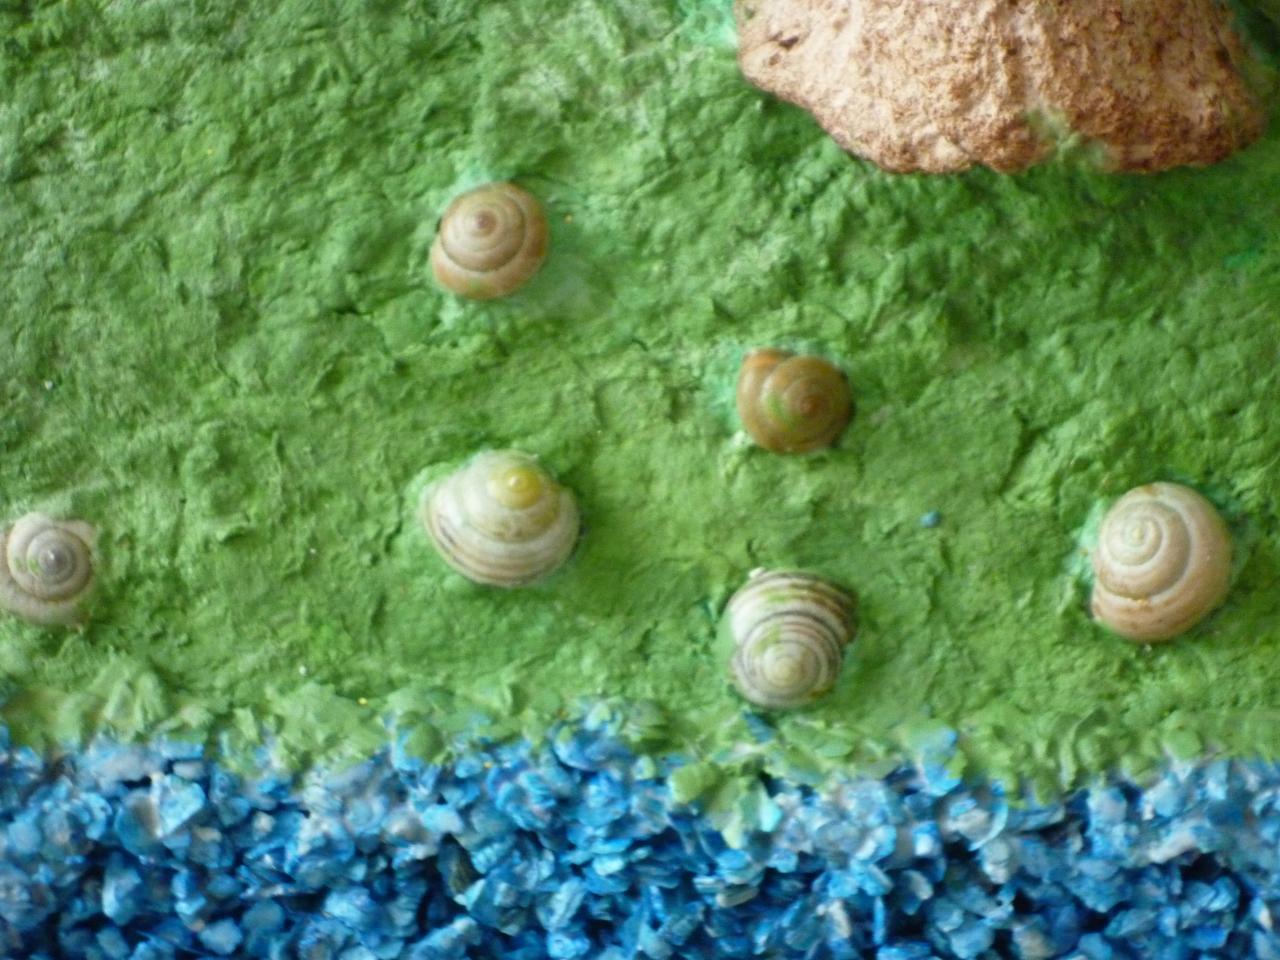 Petites coquilles d'escargots incrustées dans la nature végétale